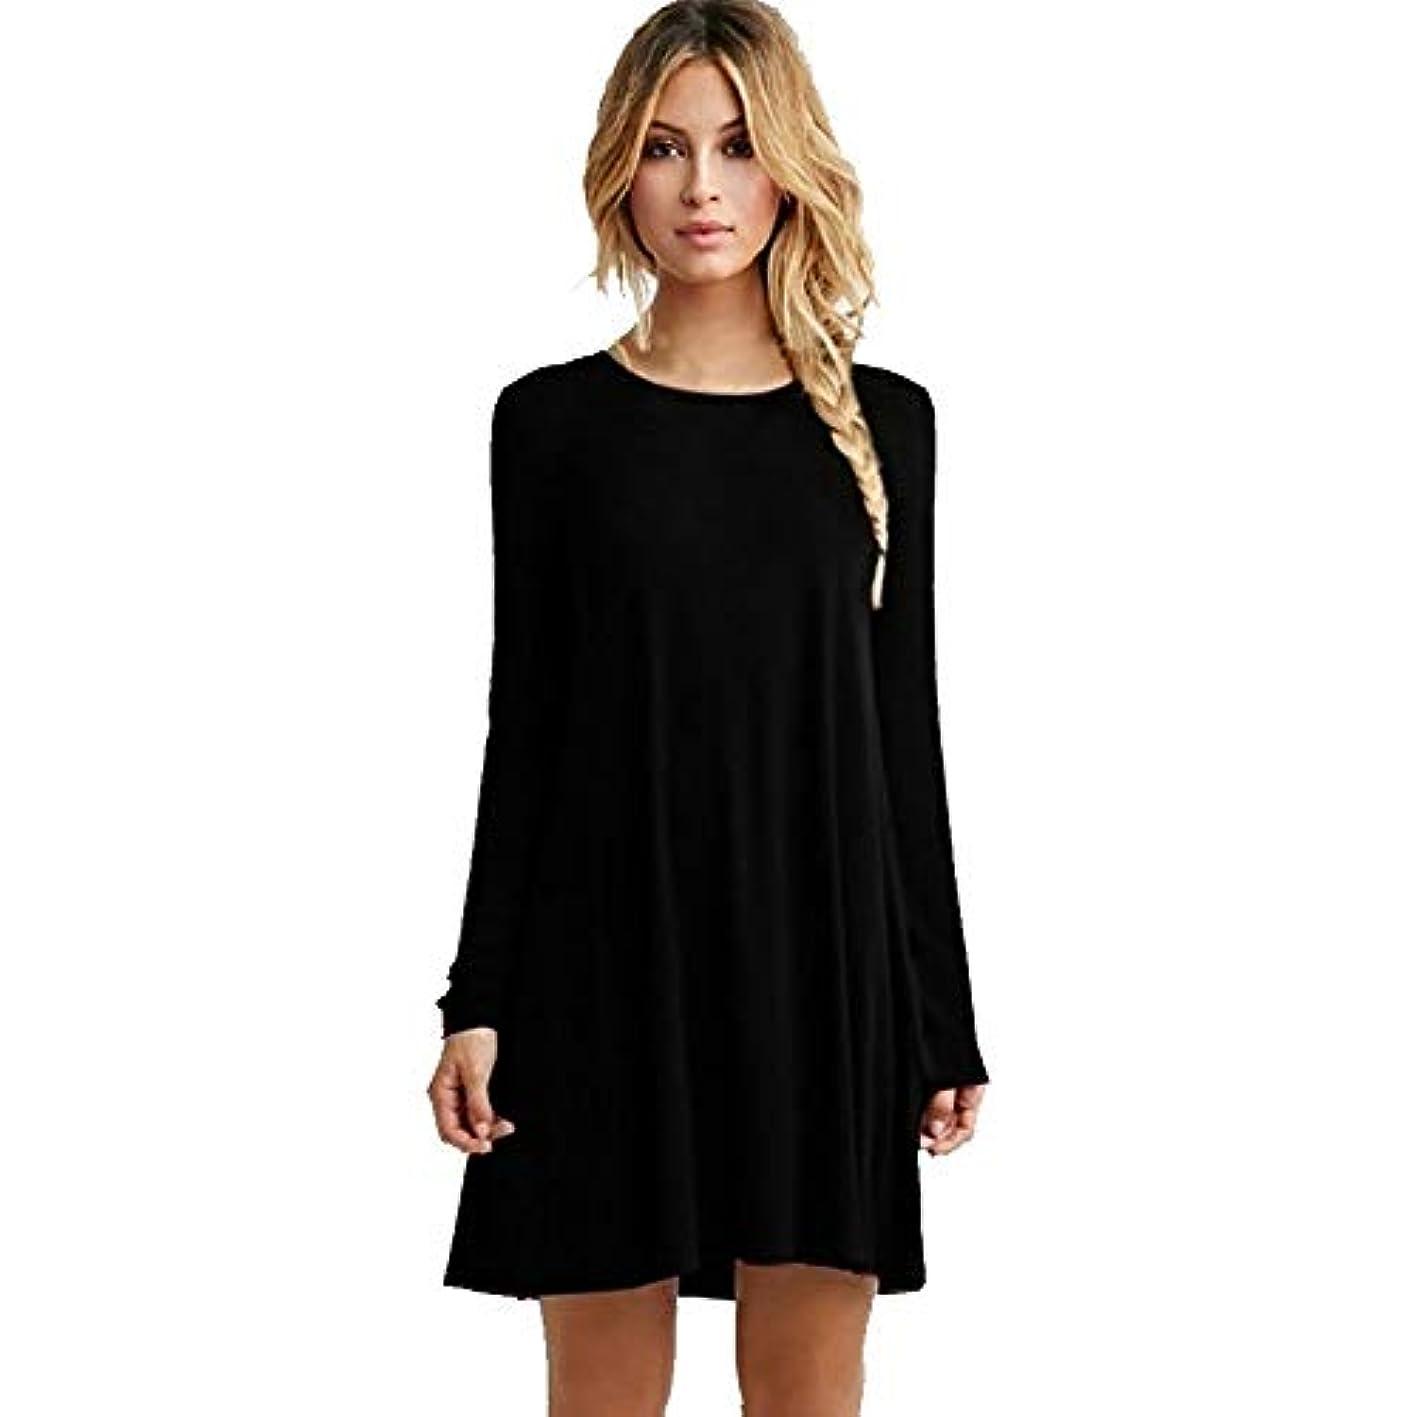 ポスターゾーン女性MIFANルースドレス、プラスサイズのドレス、長袖のドレス、女性のドレス、秋のドレス、マキシドレス、コットンドレス